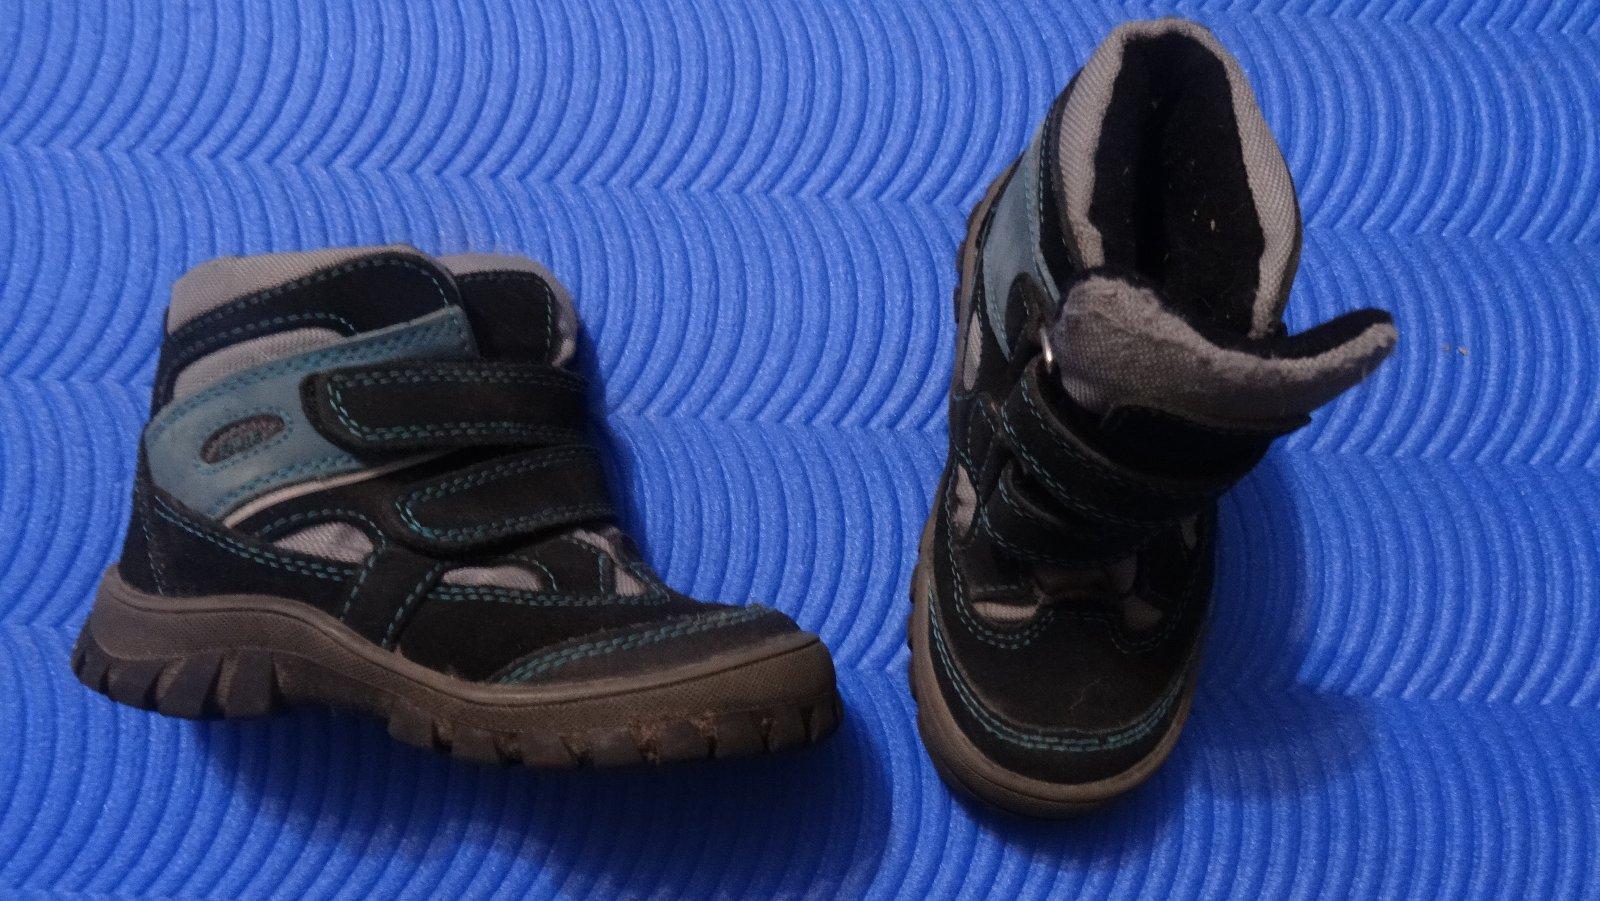 Celoroční boty s membránou 2f69e51b54